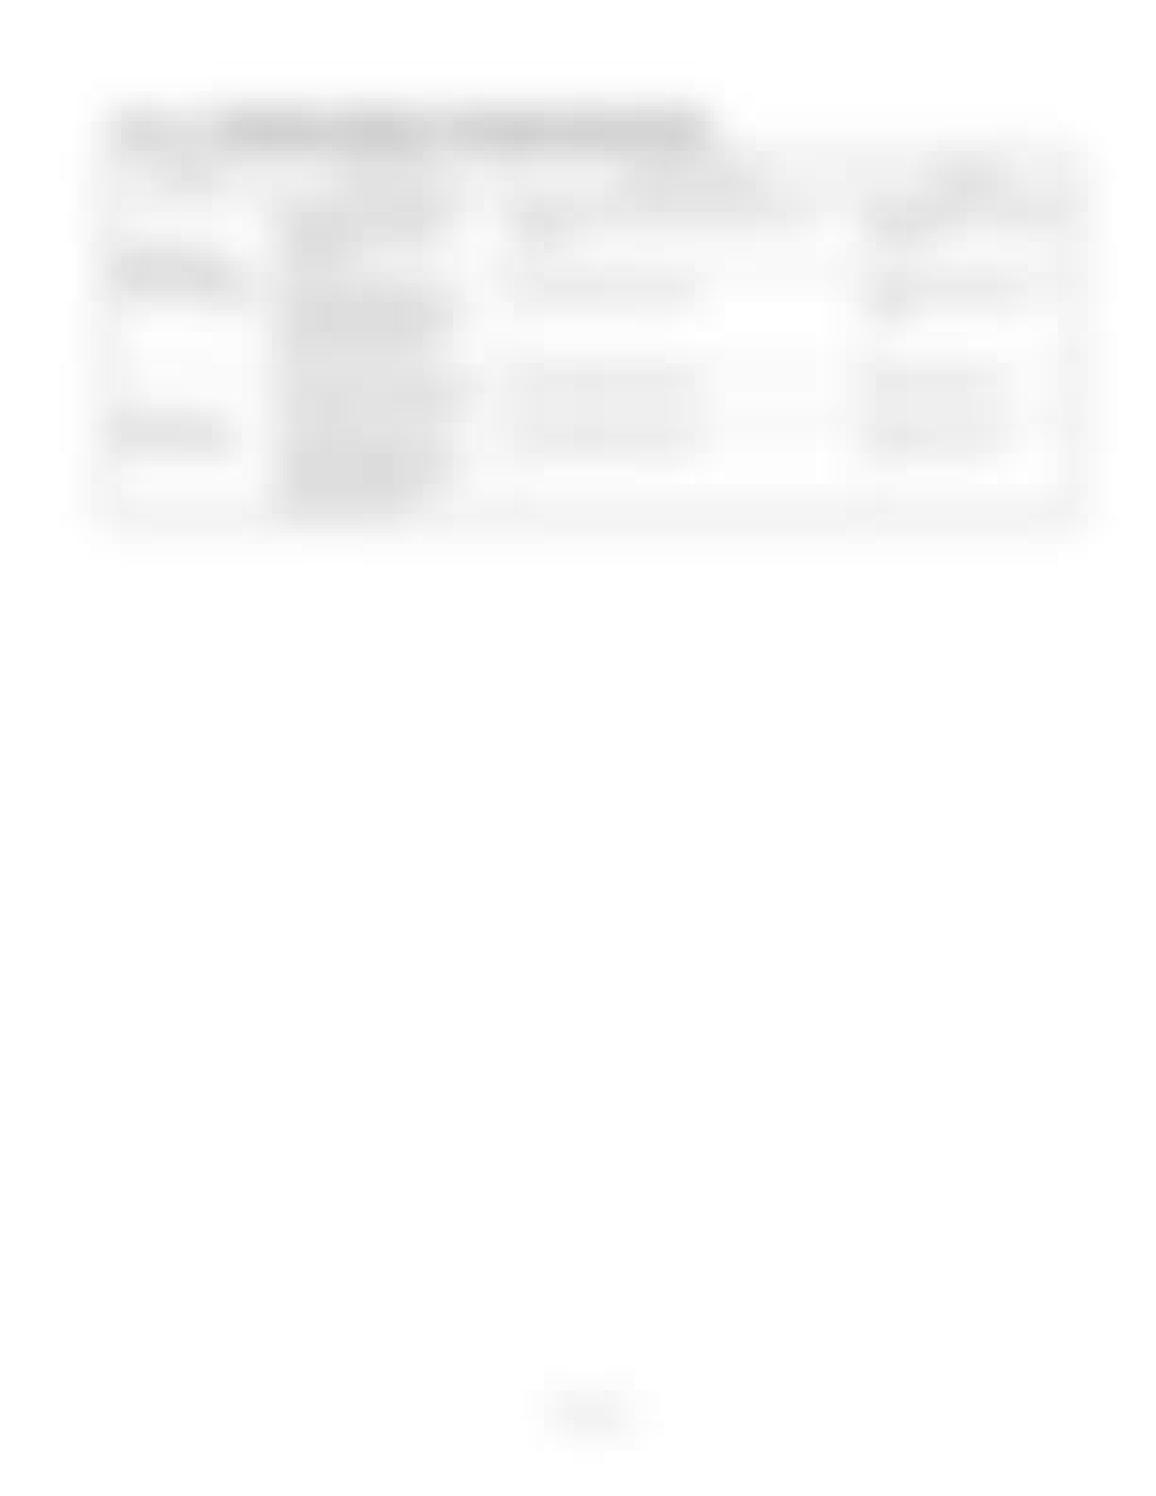 Hitachi LX110-7 LX130-7 LX160-7 LX190-7 LX230-7 Wheel Loader Workshop Manual - PDF DOWNLOAD page 89